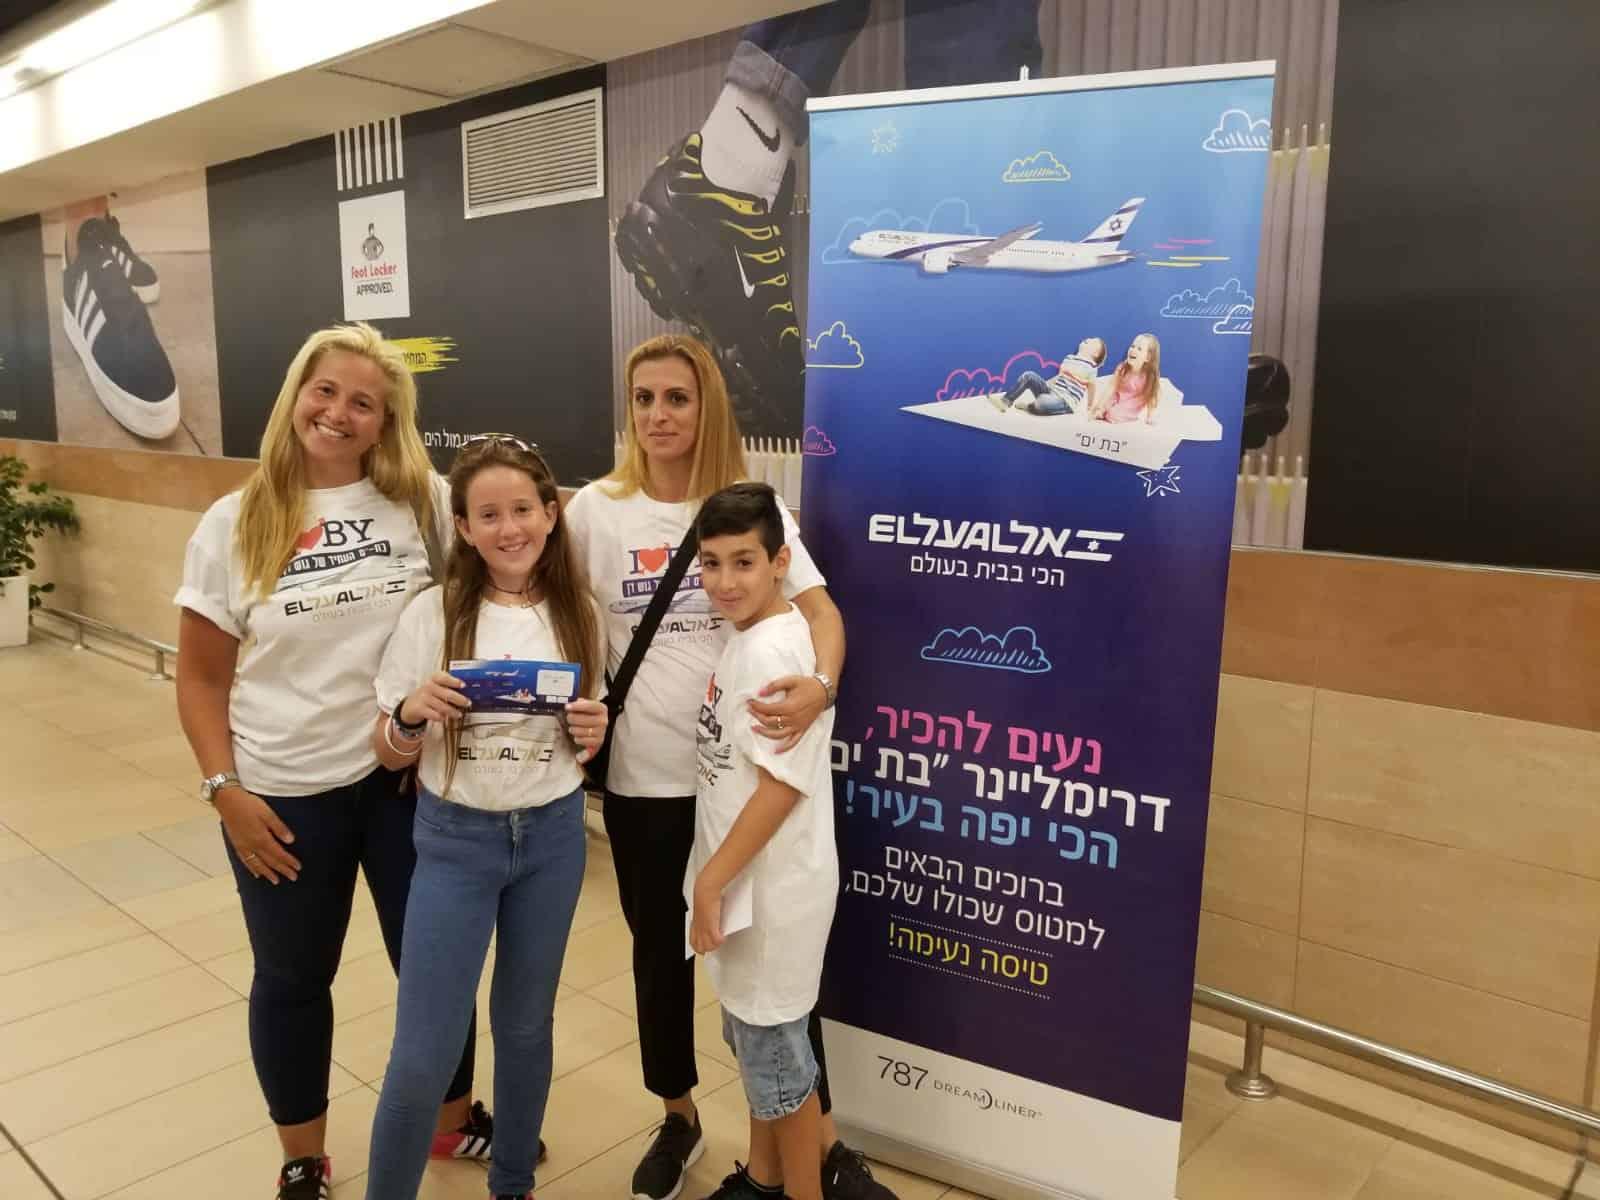 ויקי והראל יהושע עם מיטל ודניאלה בסון בשדה התעופה, צילום: כנרת שמרוני